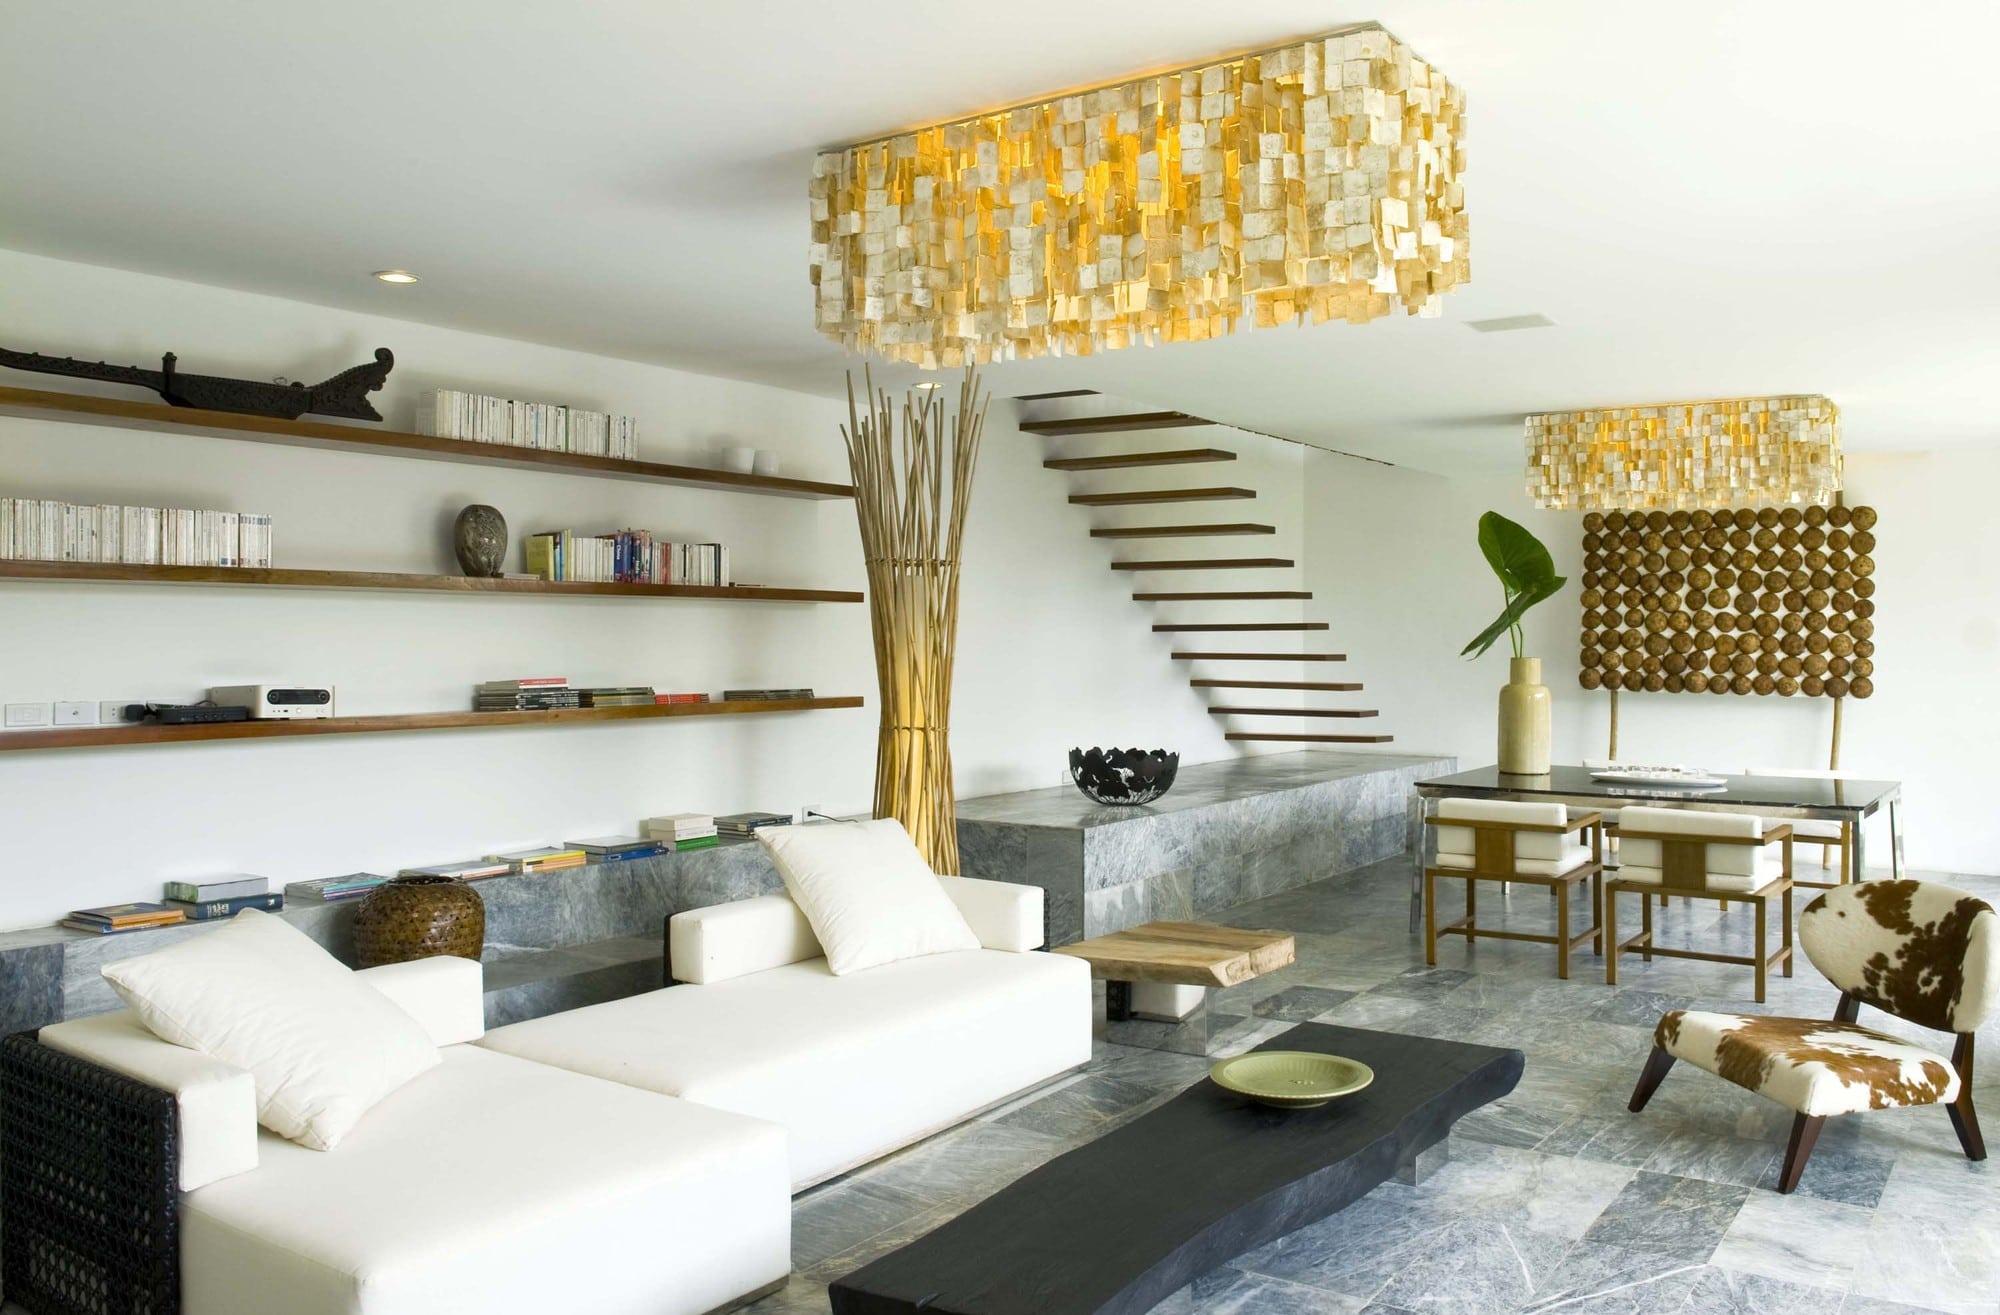 Dise o de casa r stica fachada interiores y planos - Objetos decoracion diseno ...